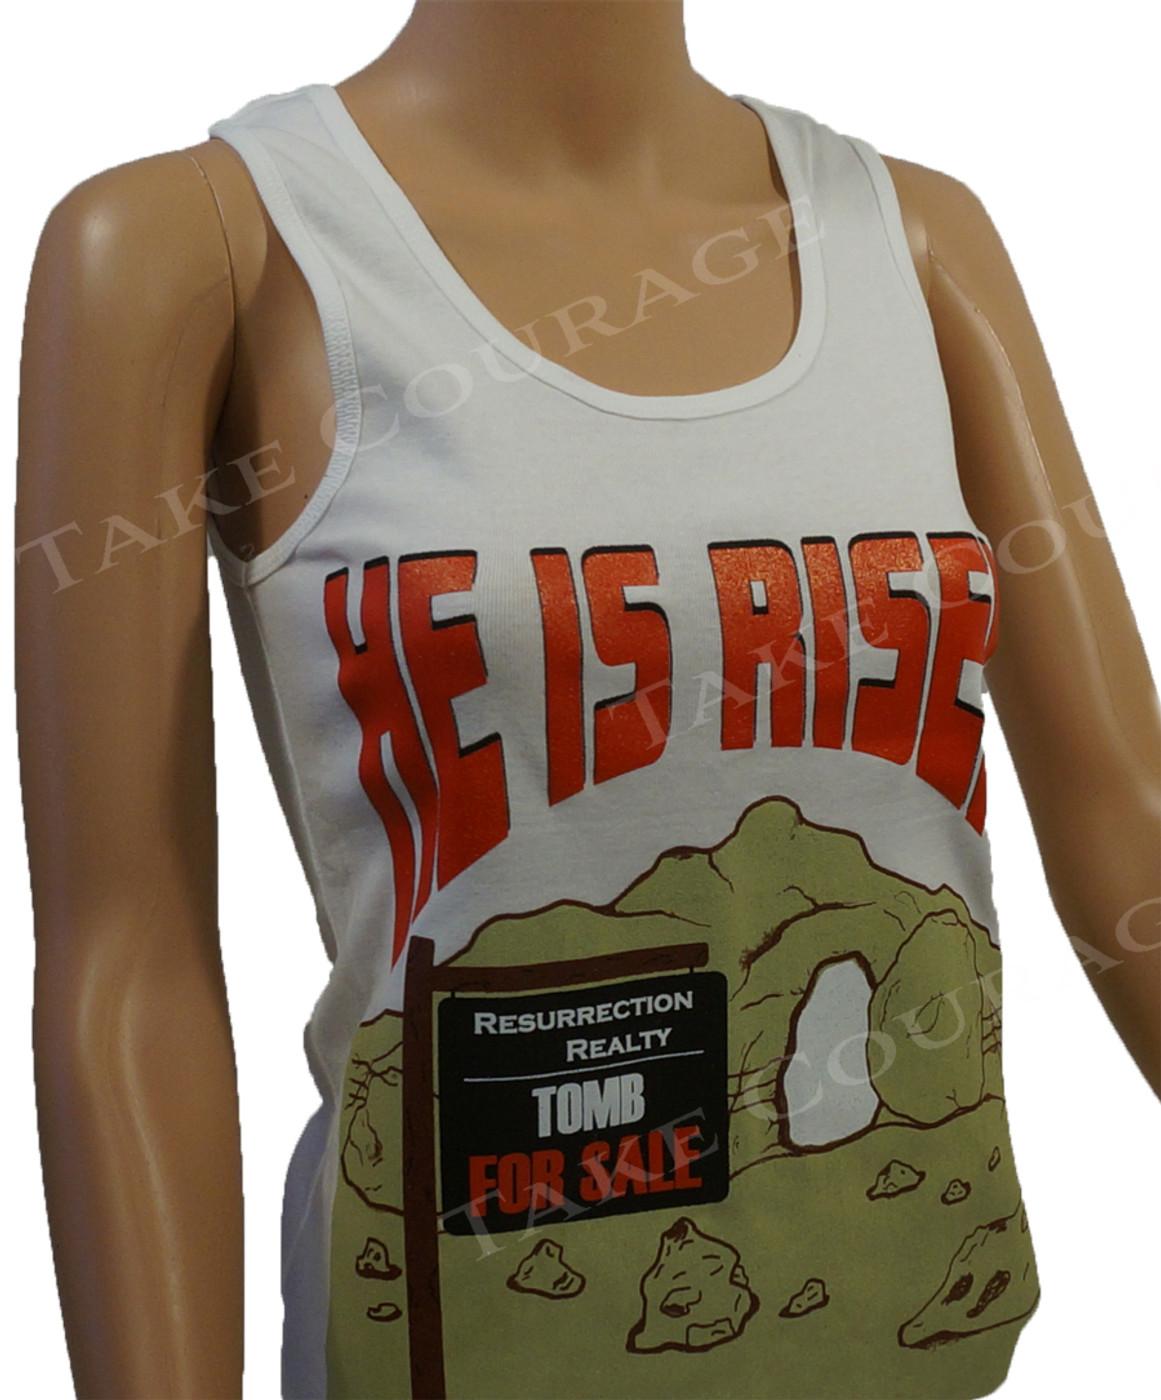 HE is Risen - Christian Shirt - White